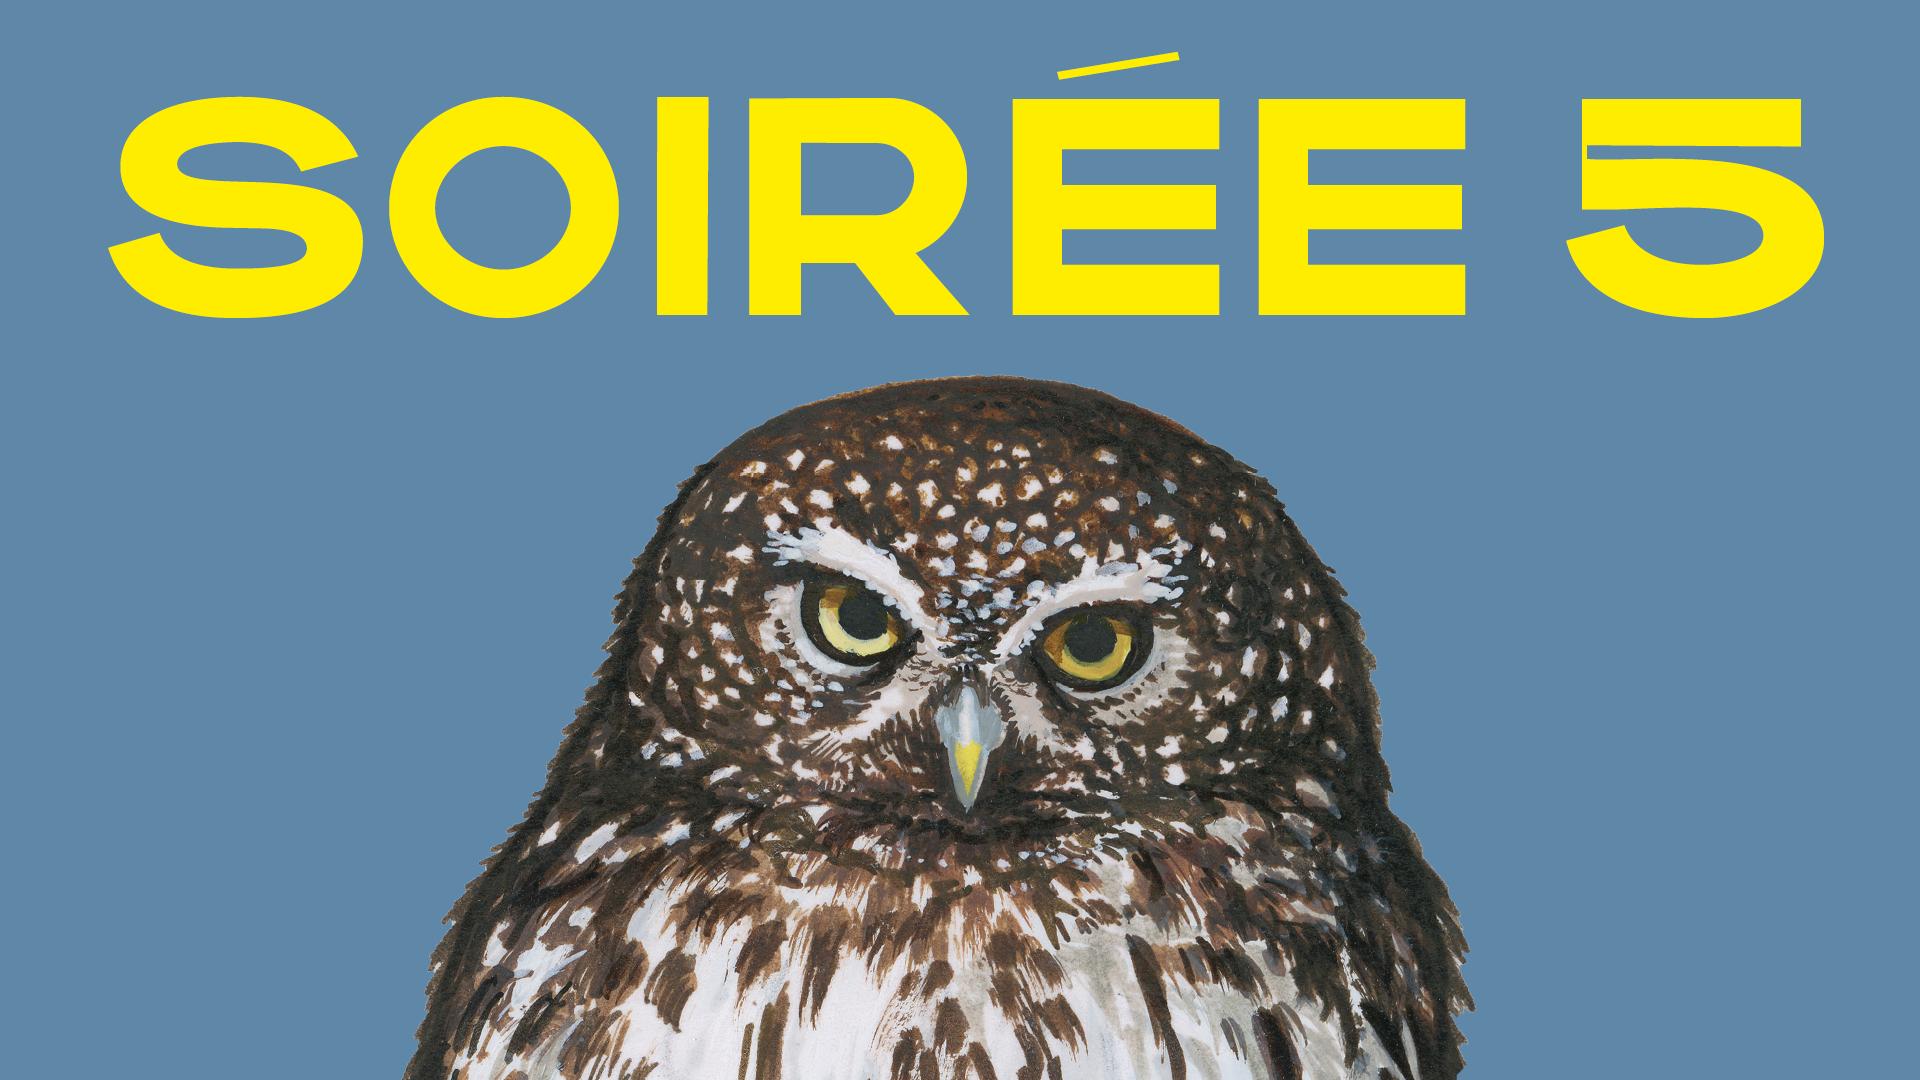 SOIRÉE 5 - SAMEDI 24 JUILLET